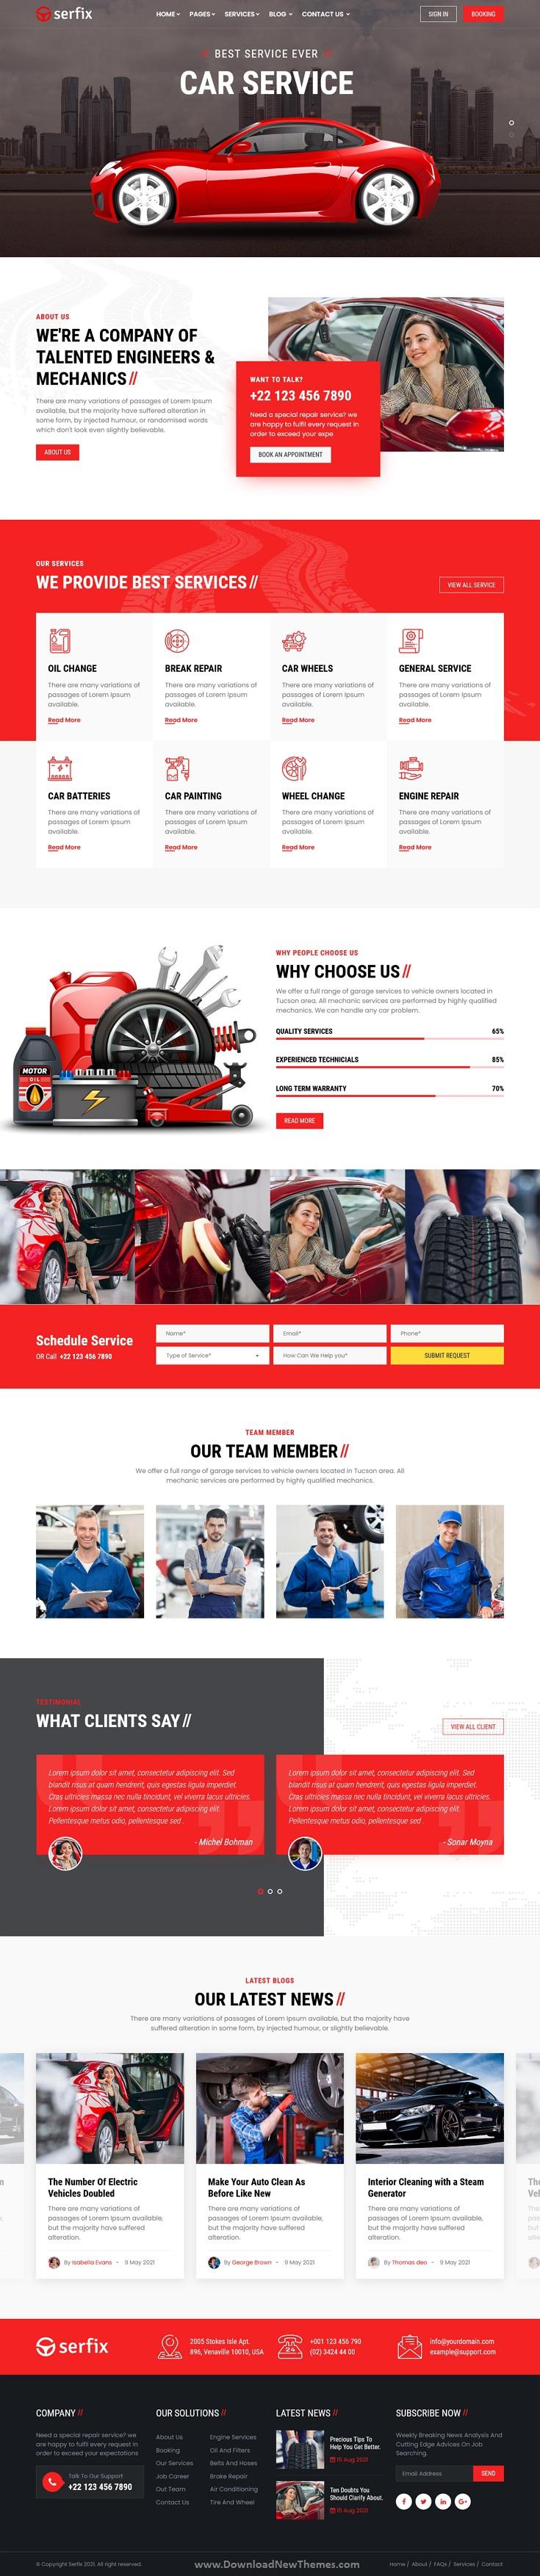 Car Service and automotive website Template